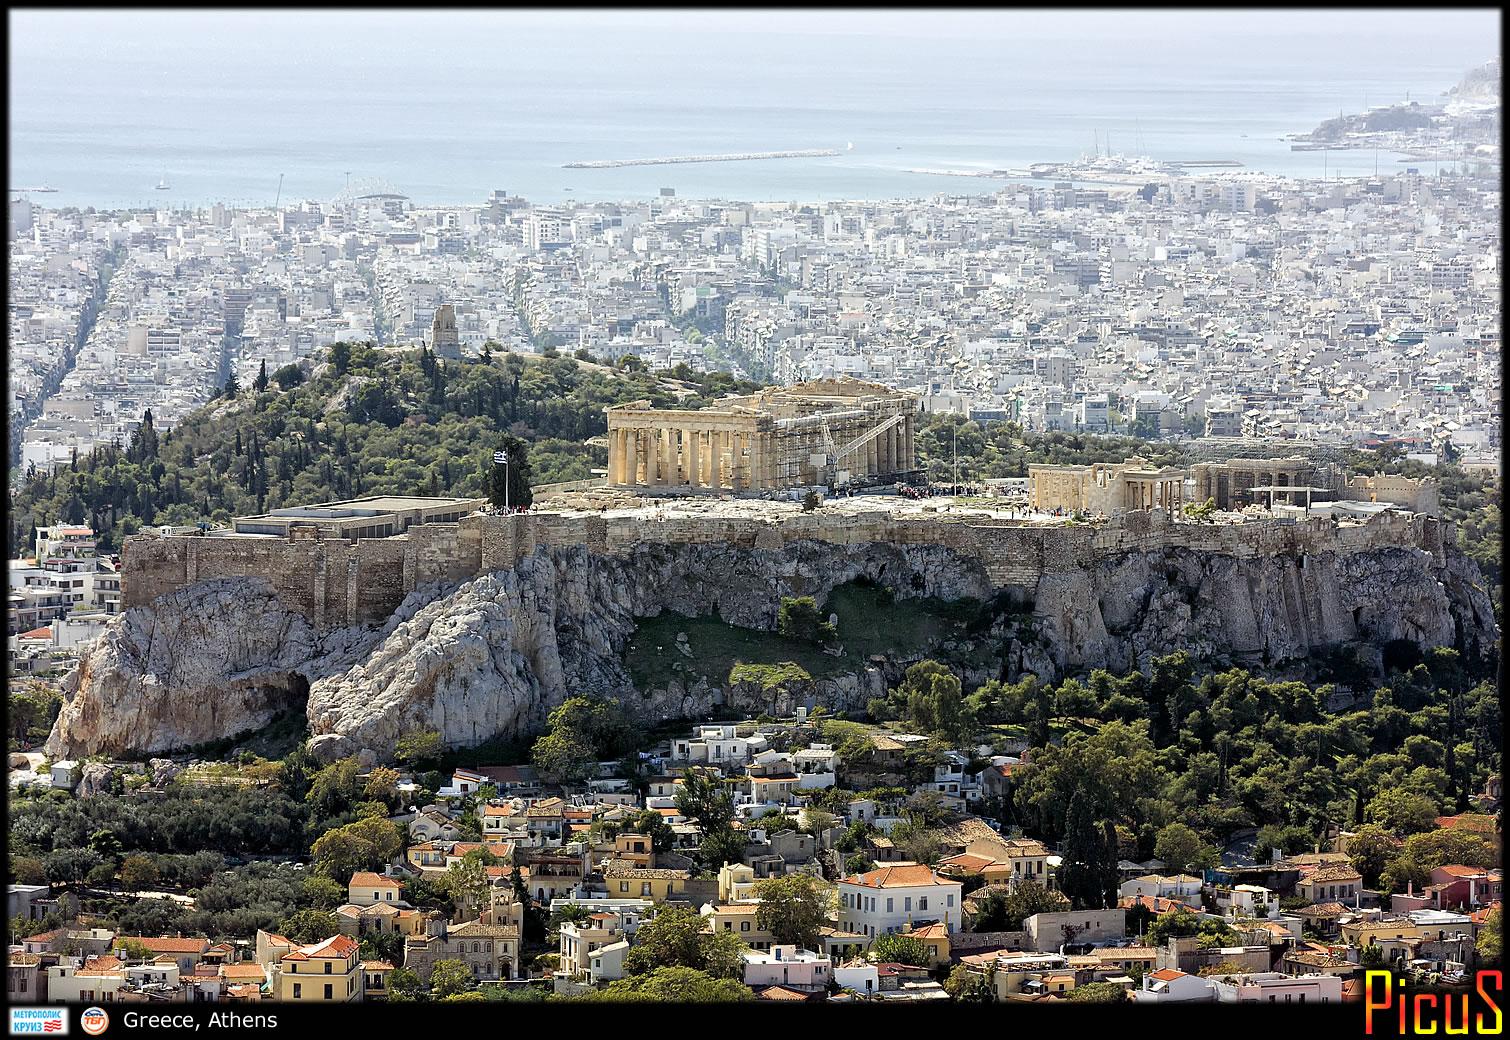 Афины. Урбанистические пейзажи.